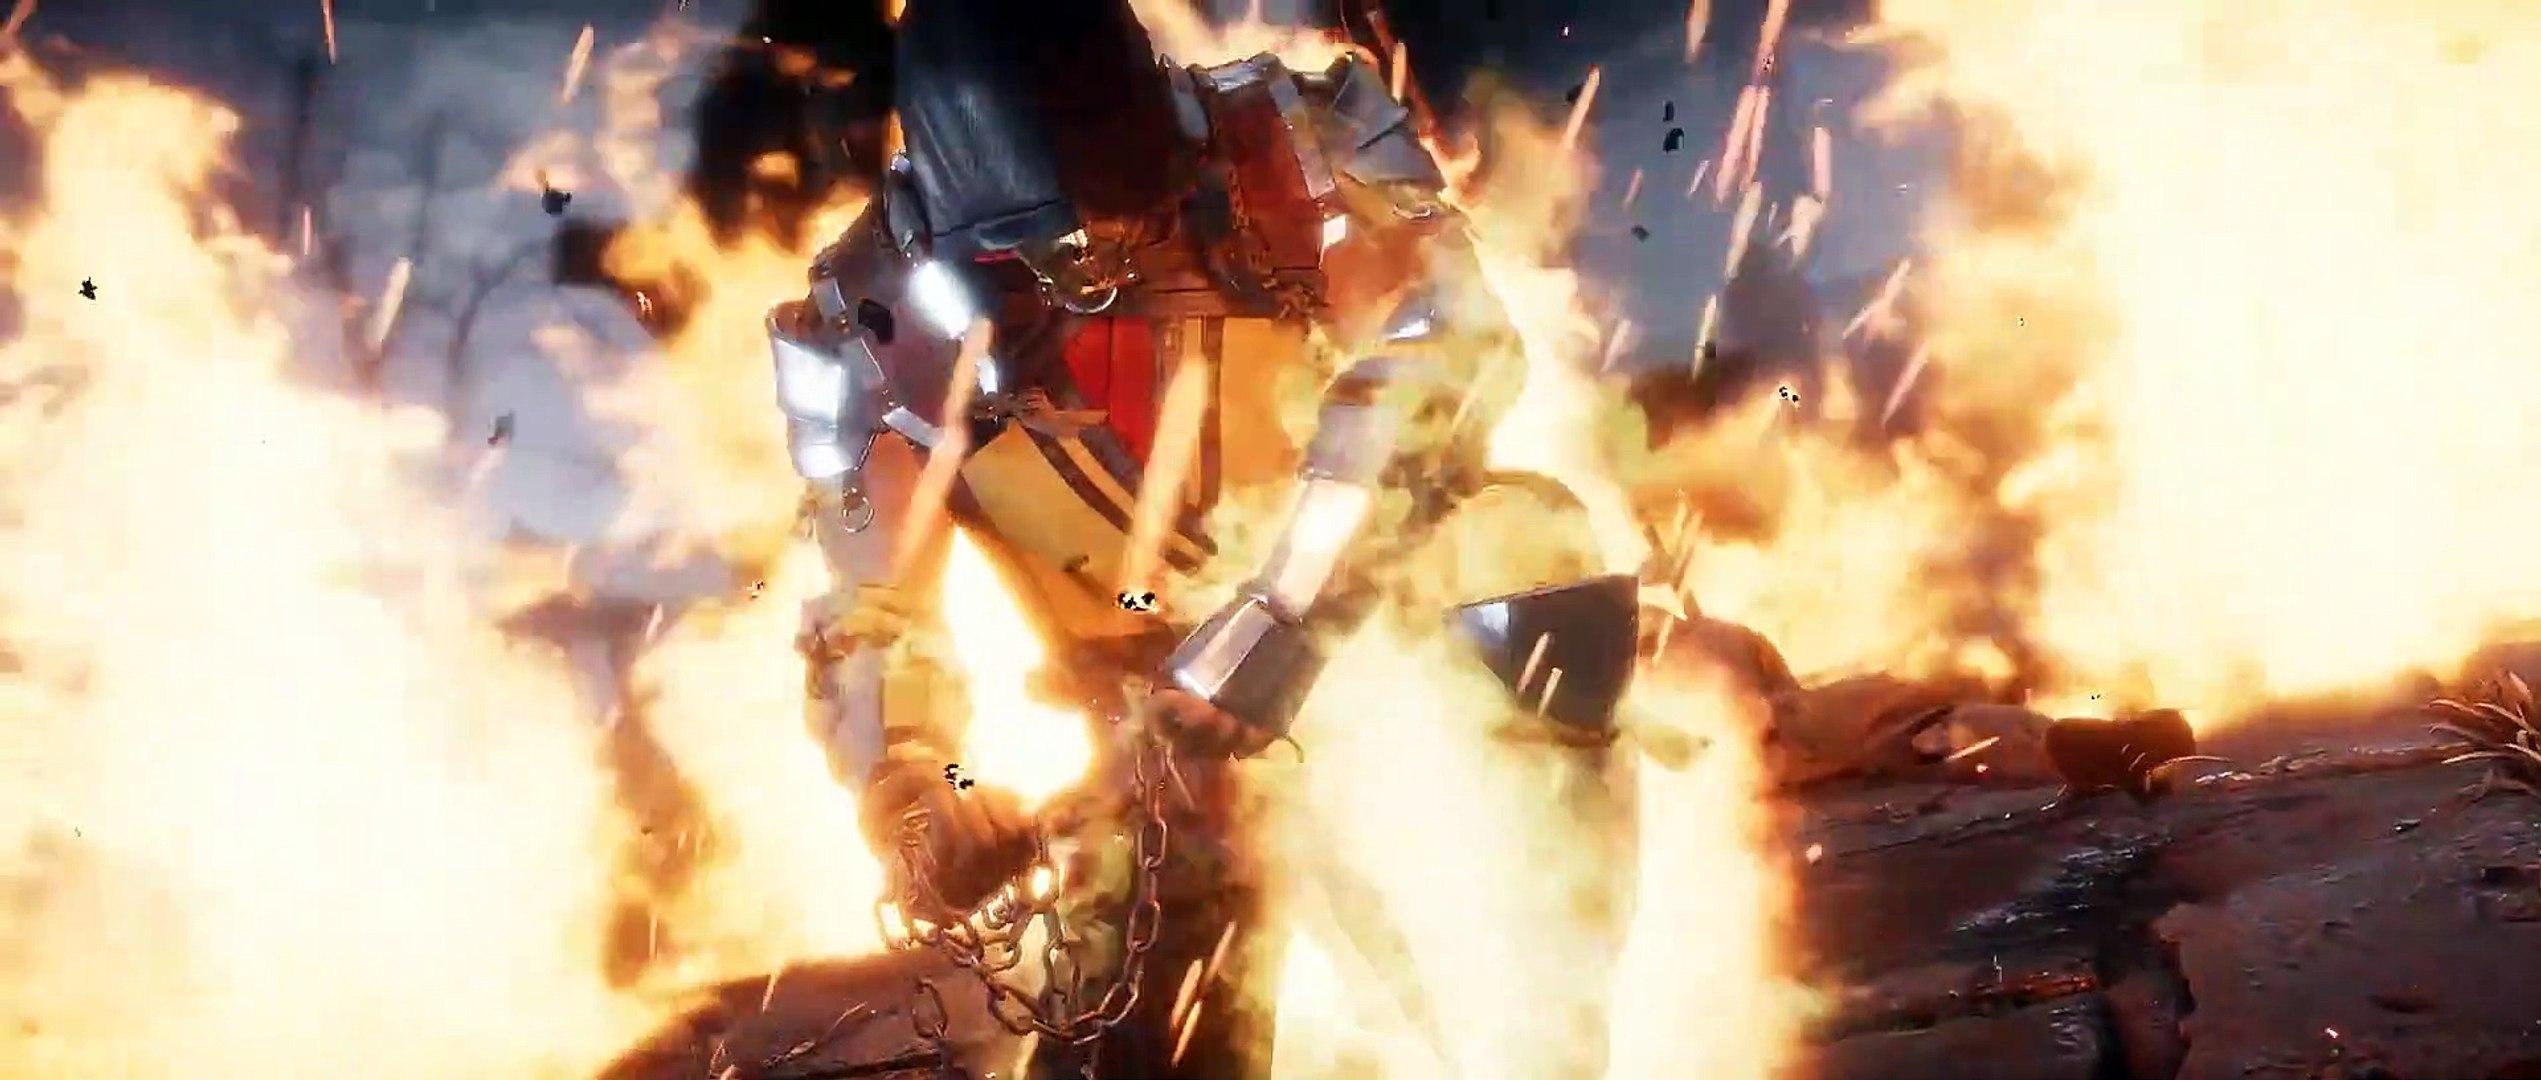 Mortal Kombat 11 - Mod FPSCAPREMOVER